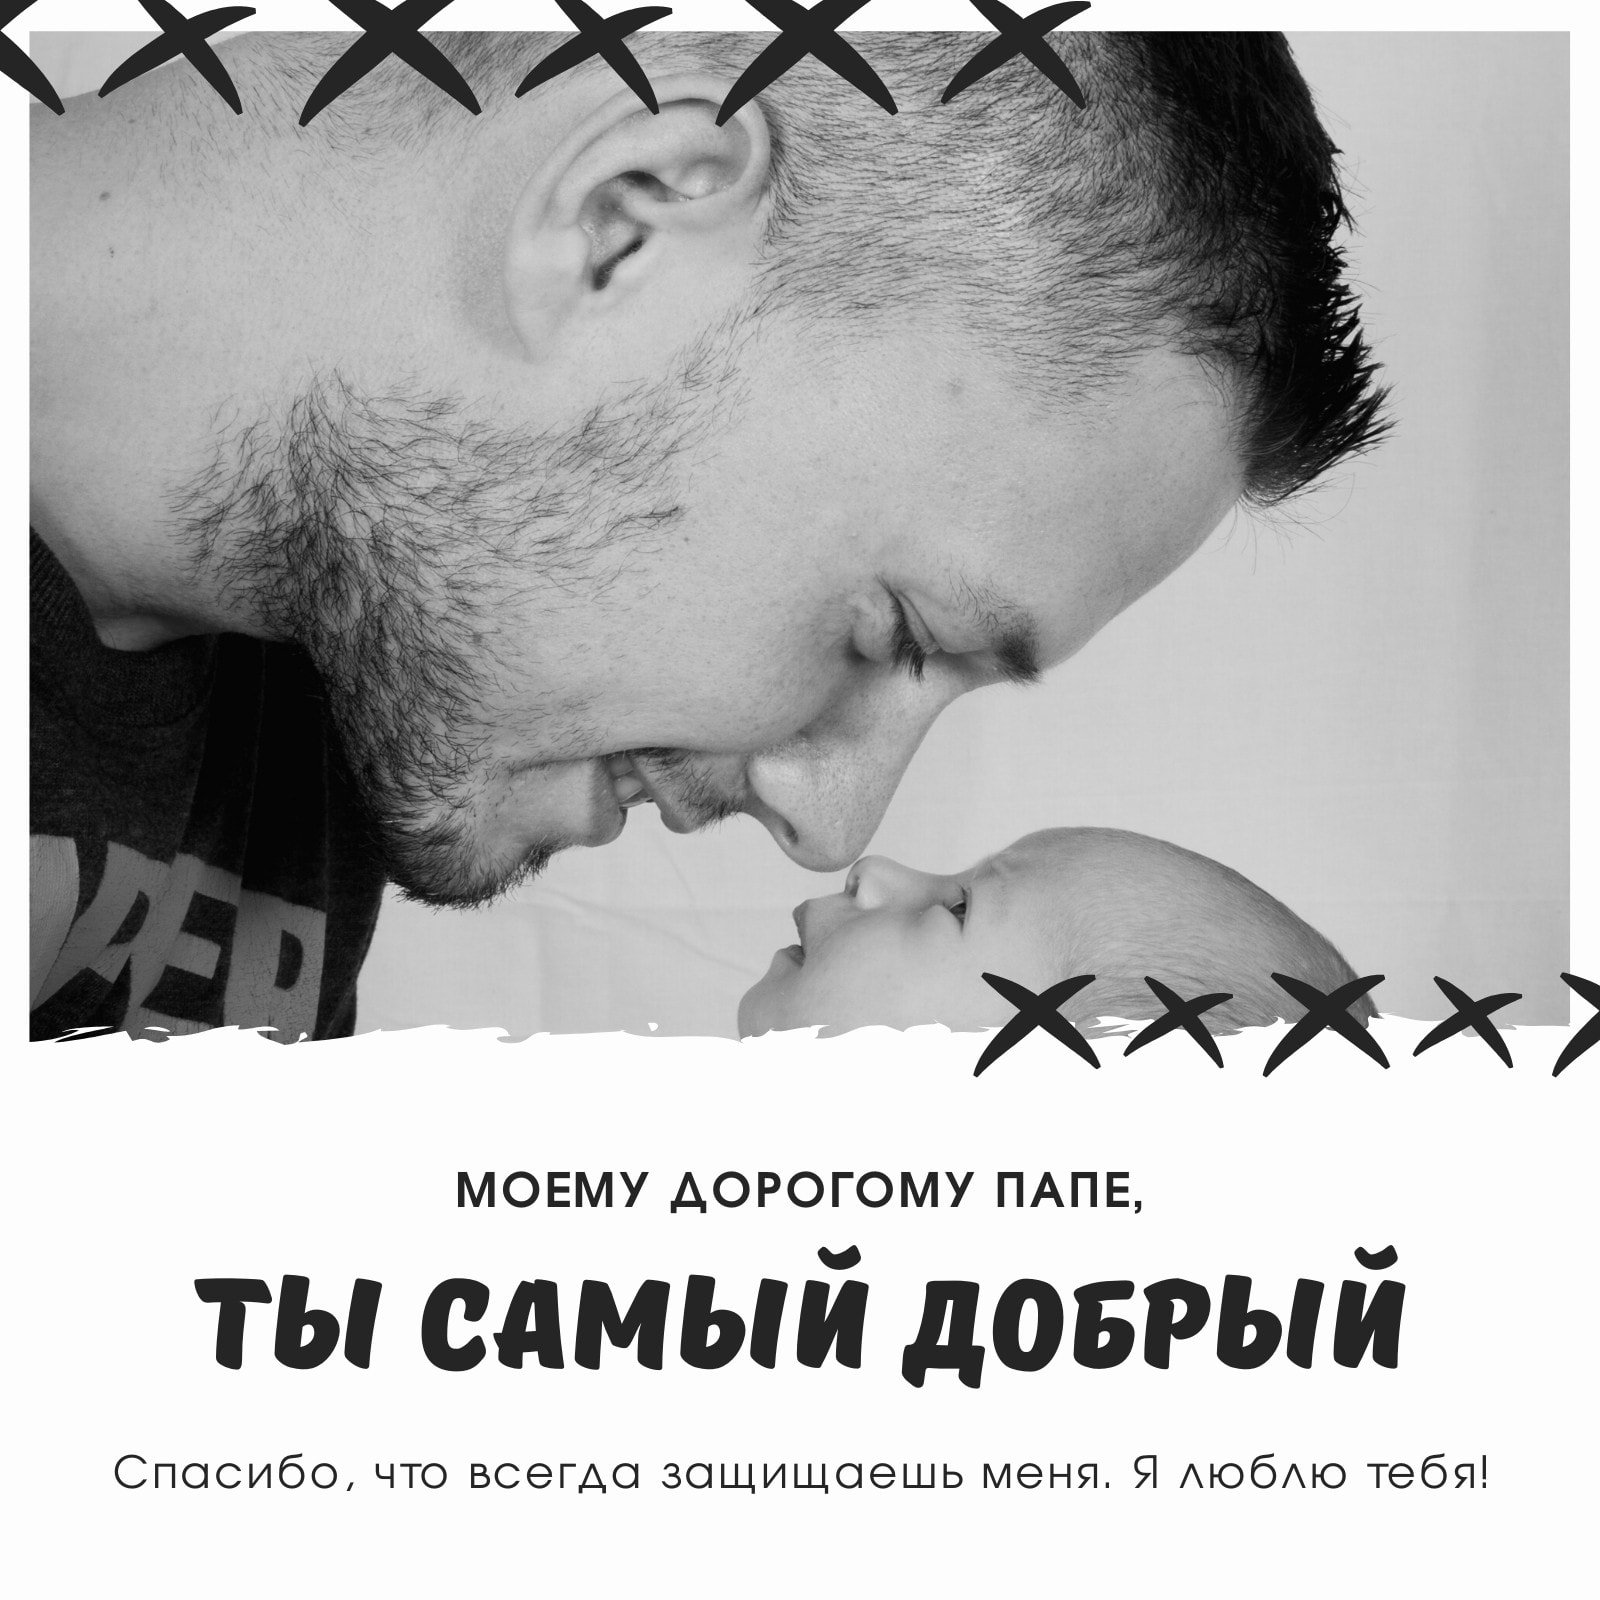 Черно-белая Фотография Признательность для Отца Публикация в Instagram